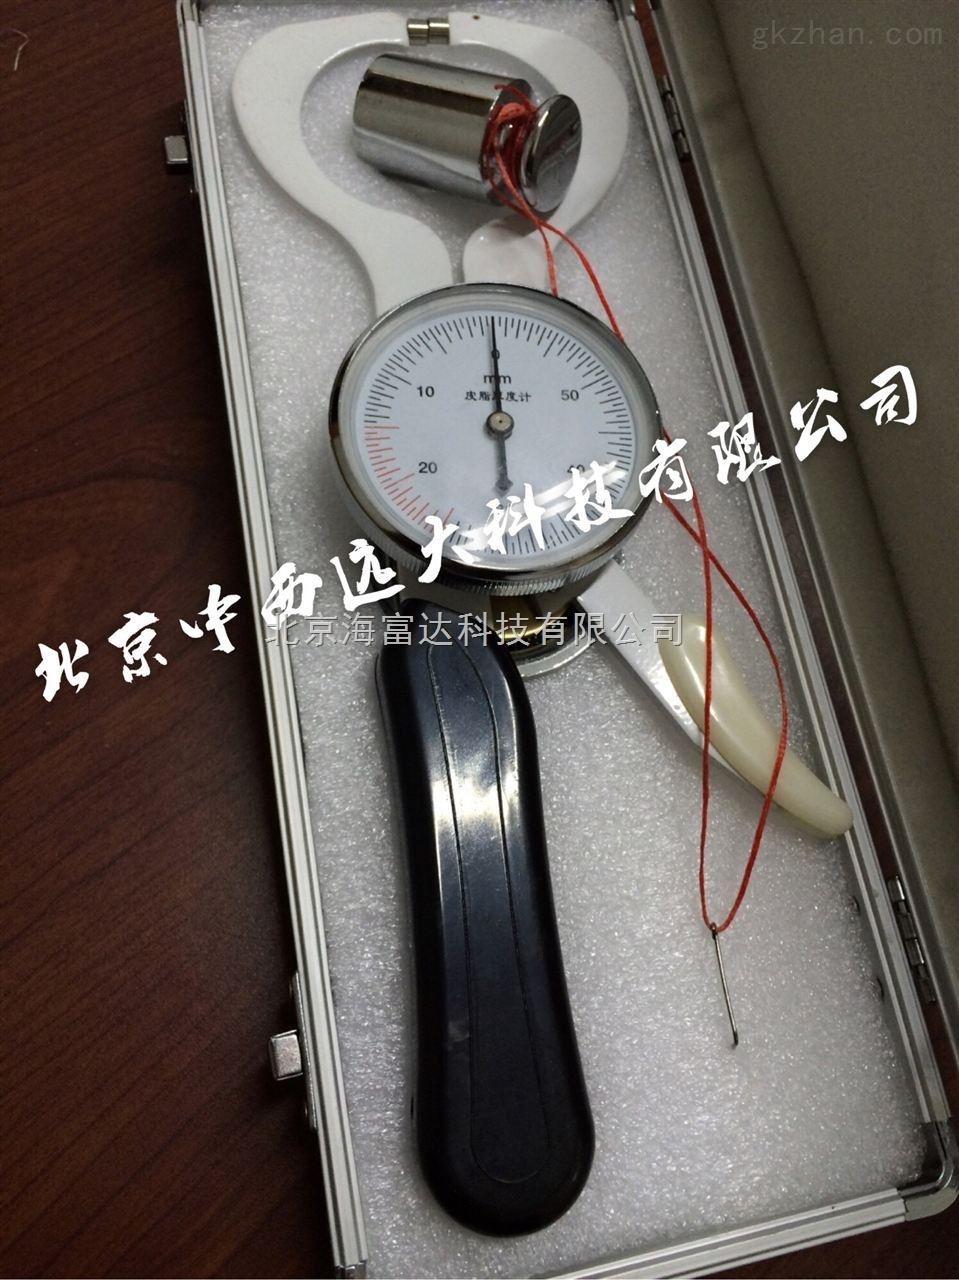 皮褶厚度计/皮脂厚度计(量程60mm)